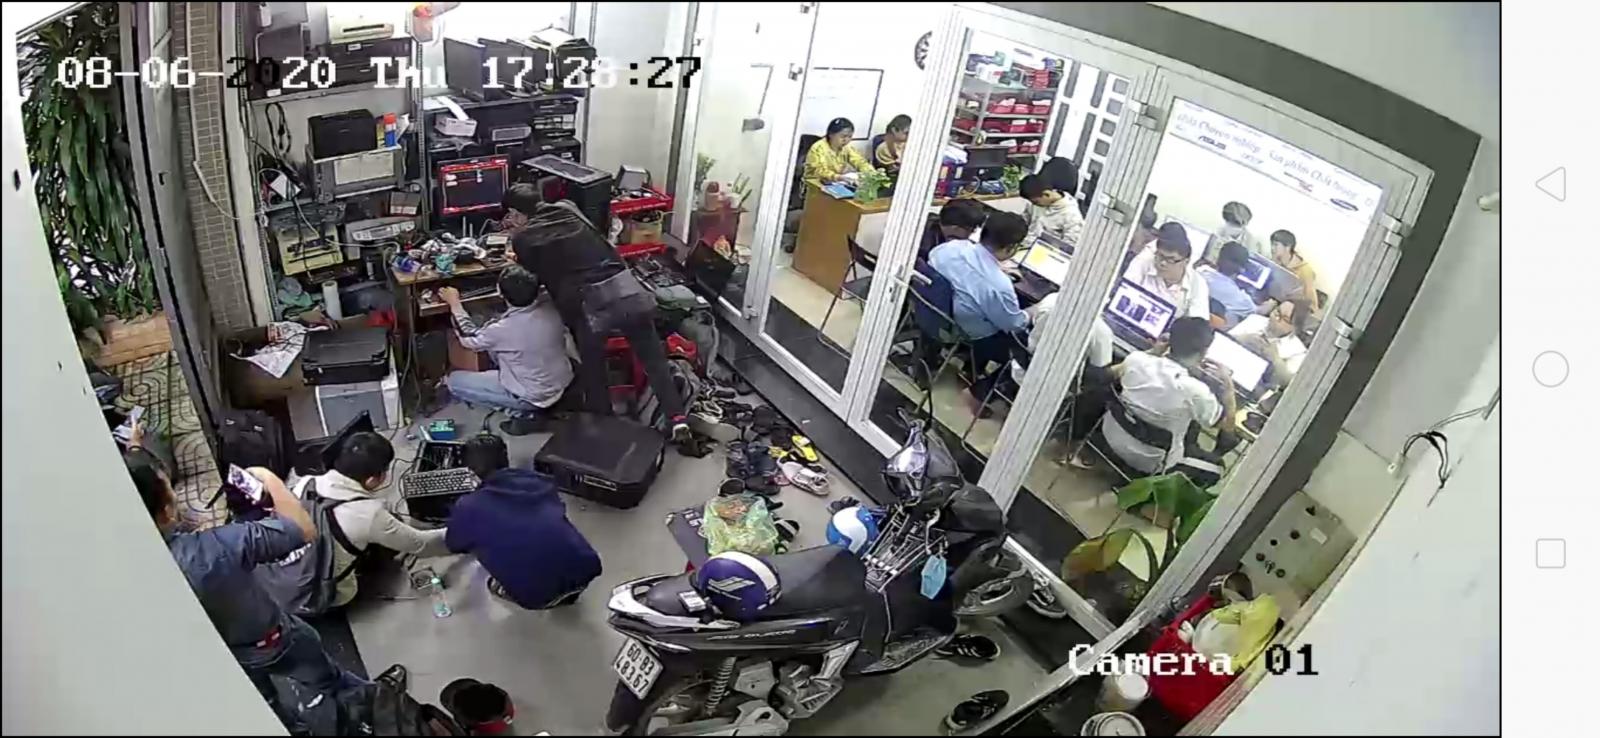 Công Ty Dịch Vụ Bảo Trì Máy Tính Tận Nơi Quận 2 Uy Tín Nhanh